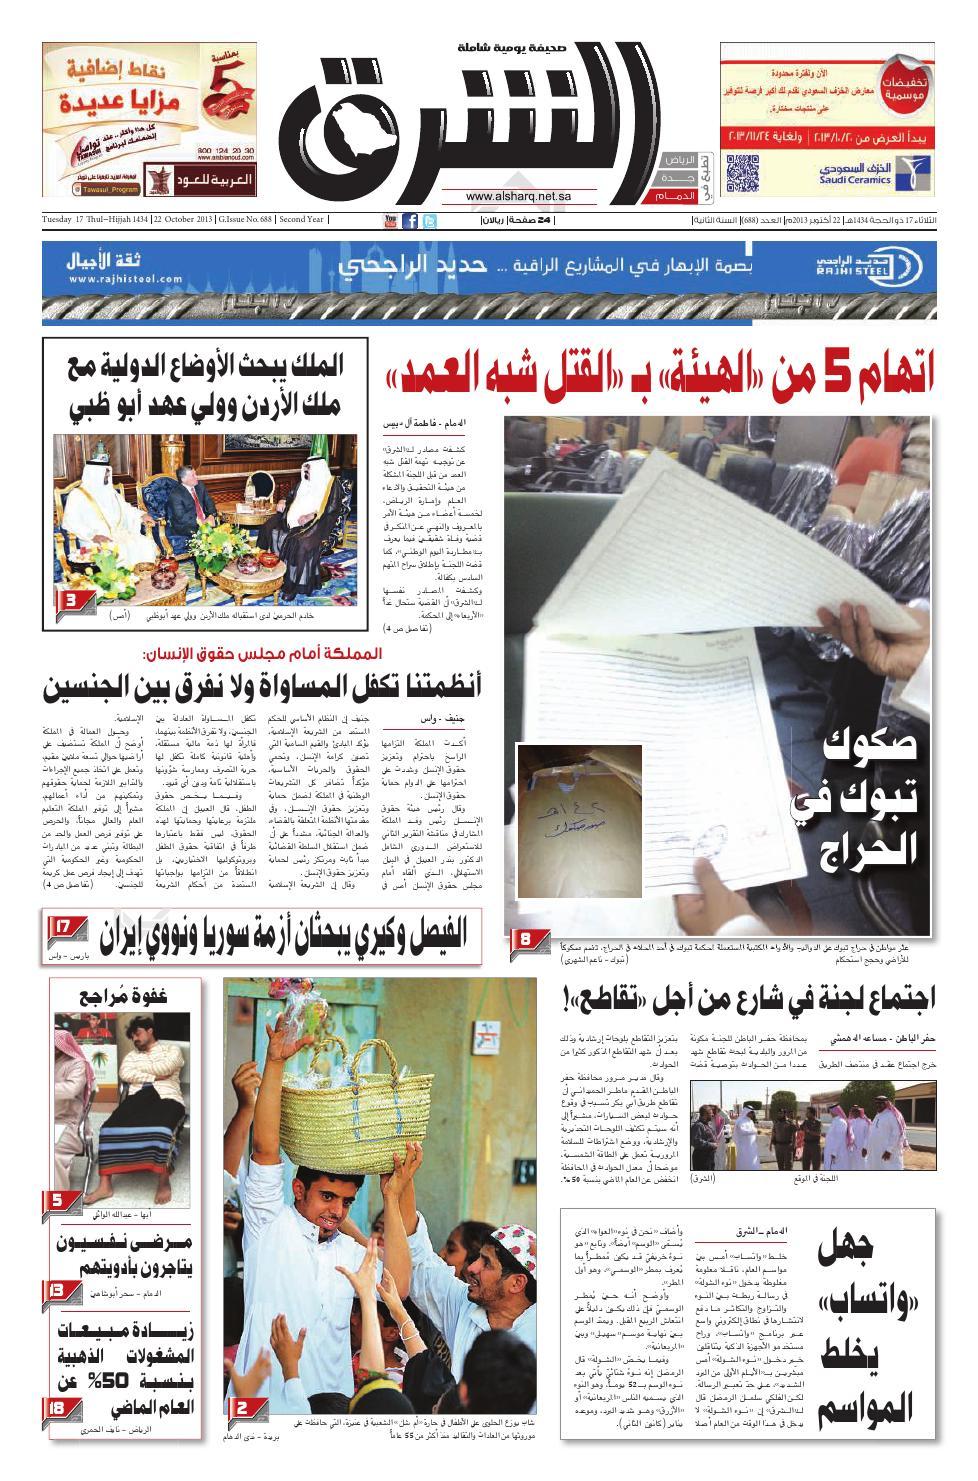 صحيفة الشرق العدد 688 نسخة الدمام By صحيفة الشرق السعودية Issuu